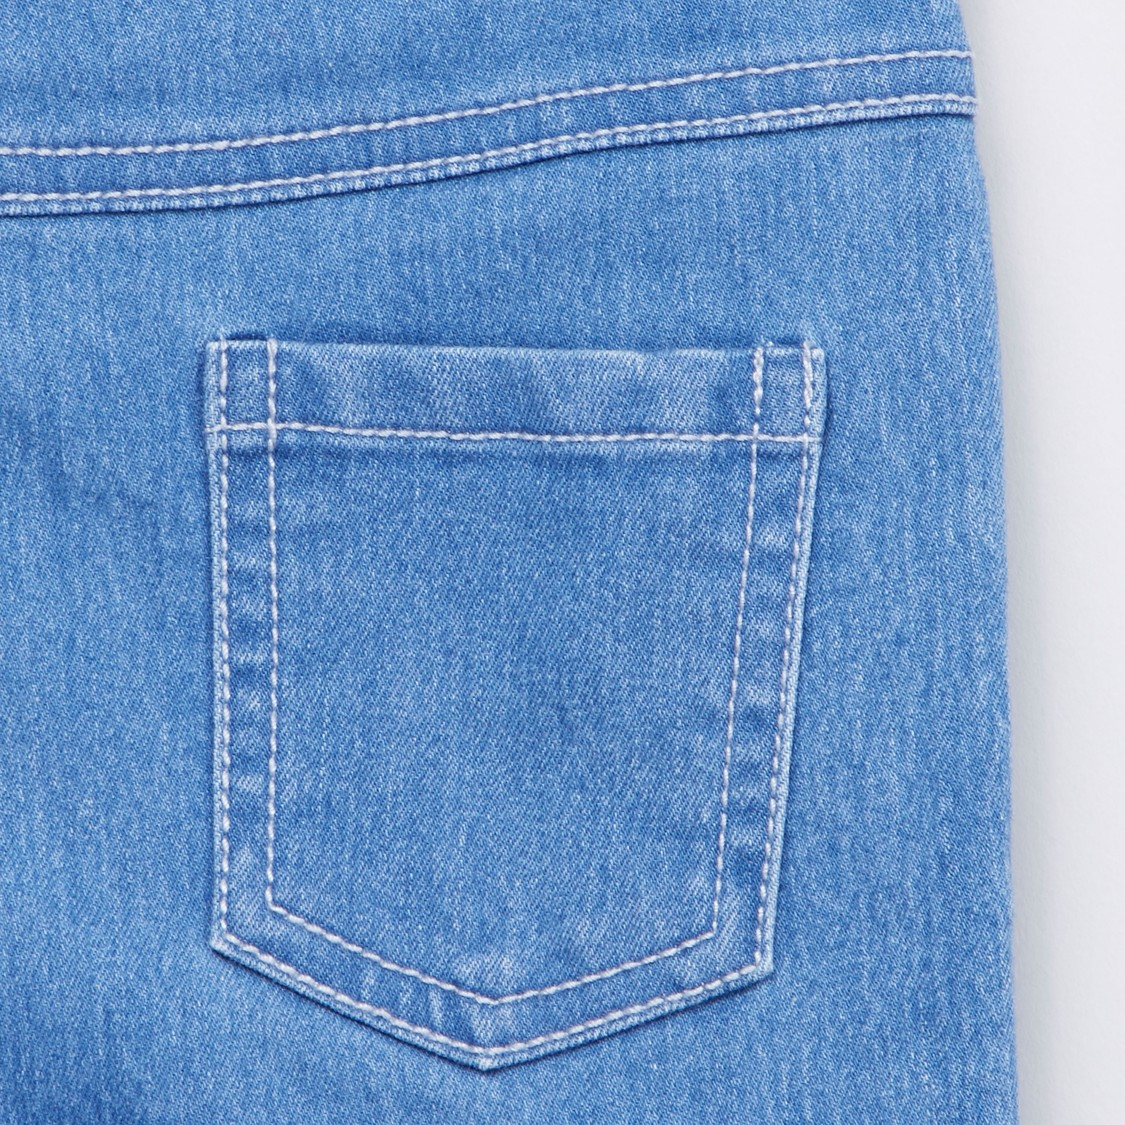 بنطلون جينز بطبعات أرنب مع تفاصيل مزخرفة وحزام